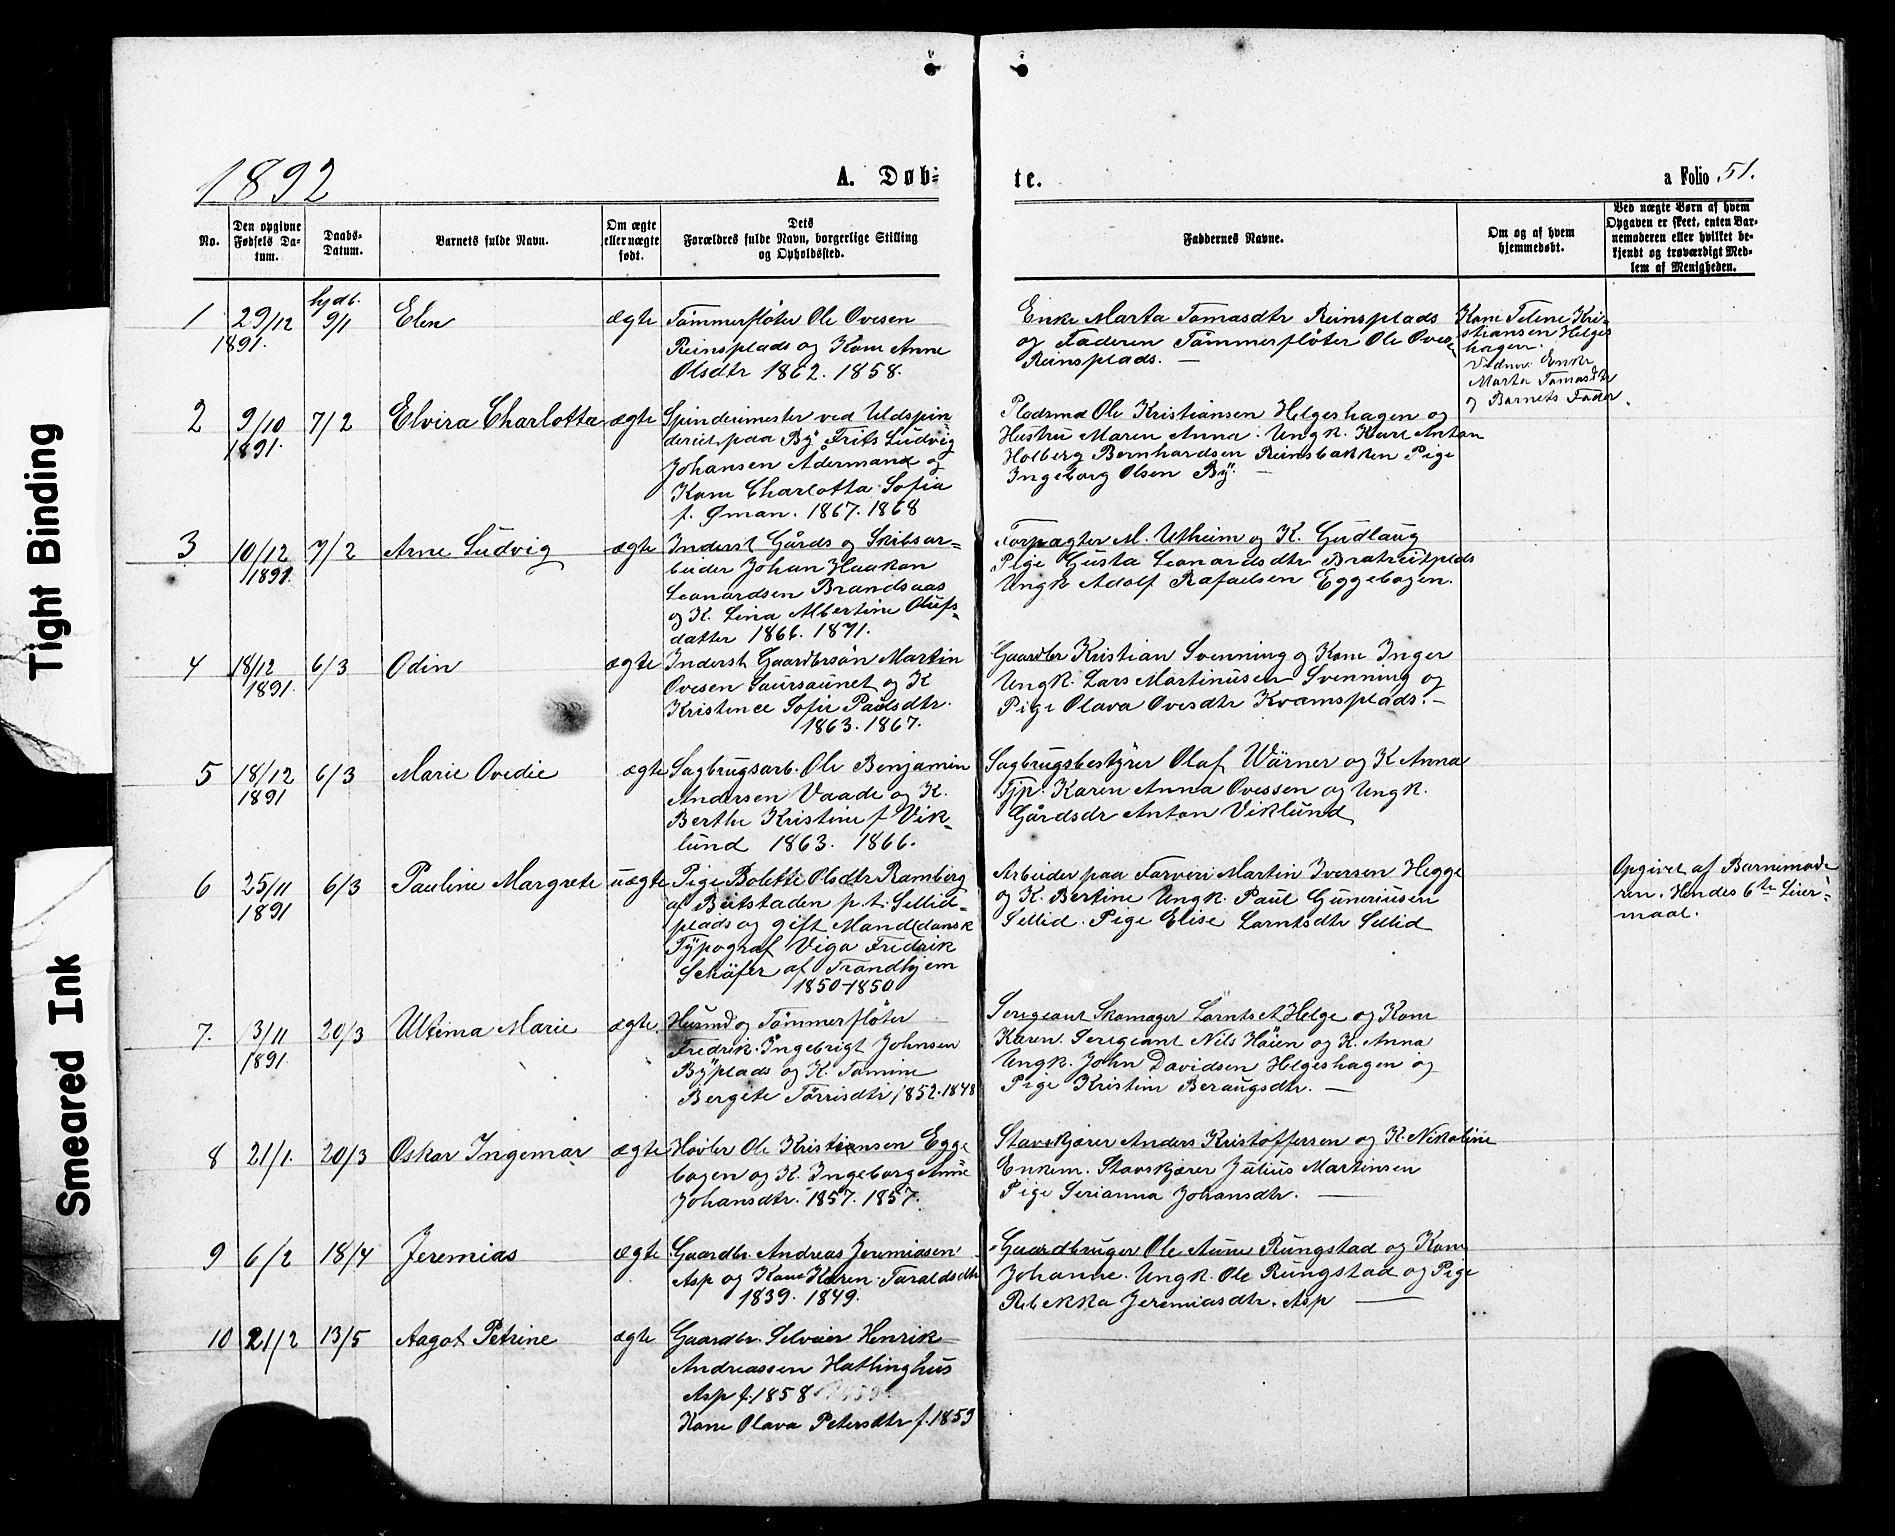 SAT, Ministerialprotokoller, klokkerbøker og fødselsregistre - Nord-Trøndelag, 740/L0380: Klokkerbok nr. 740C01, 1868-1902, s. 51